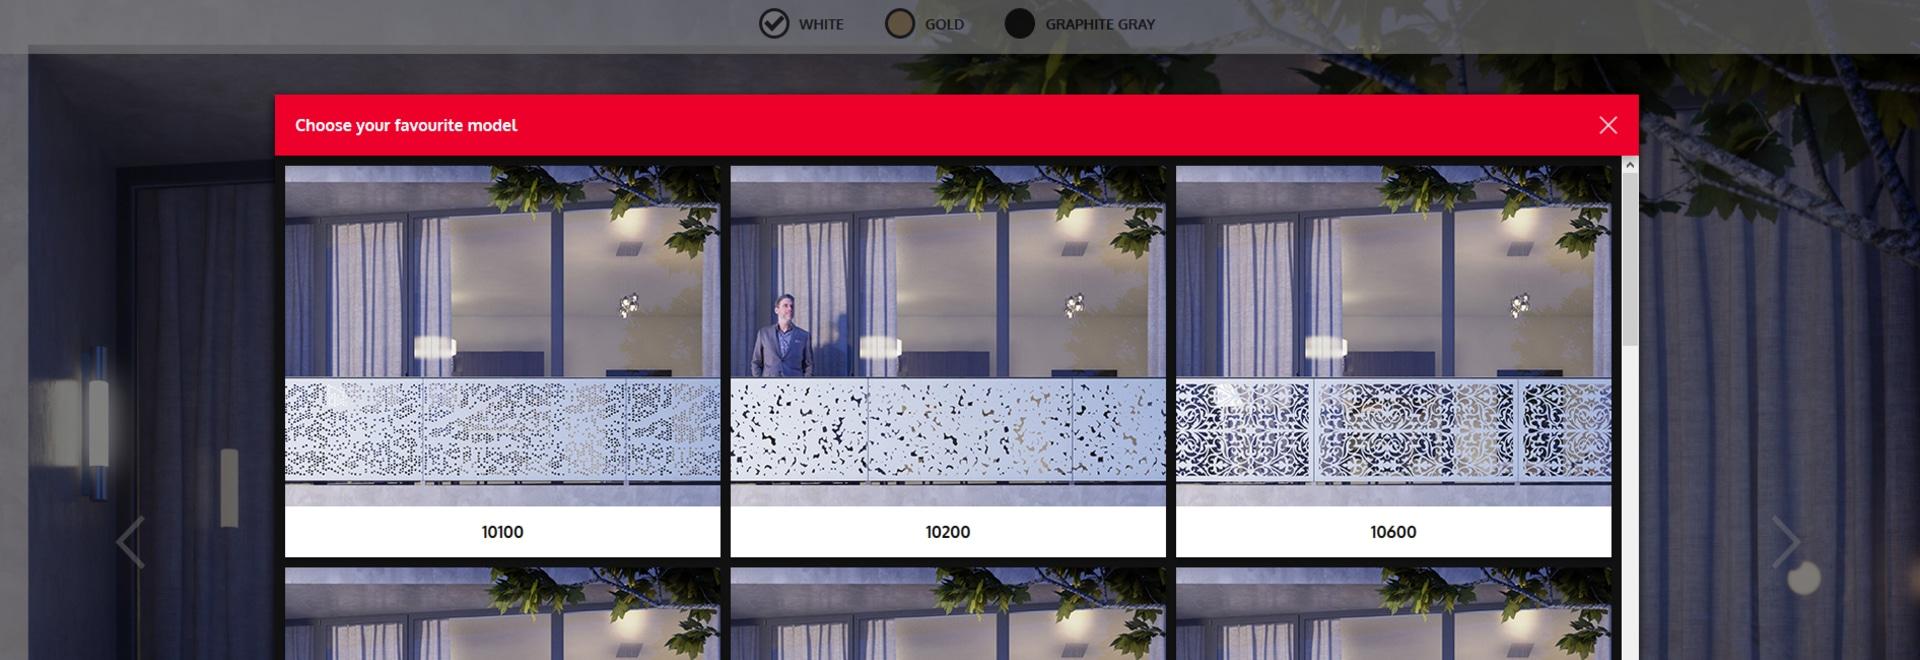 Sichtbarmachung von Balkon-Umhüllungen